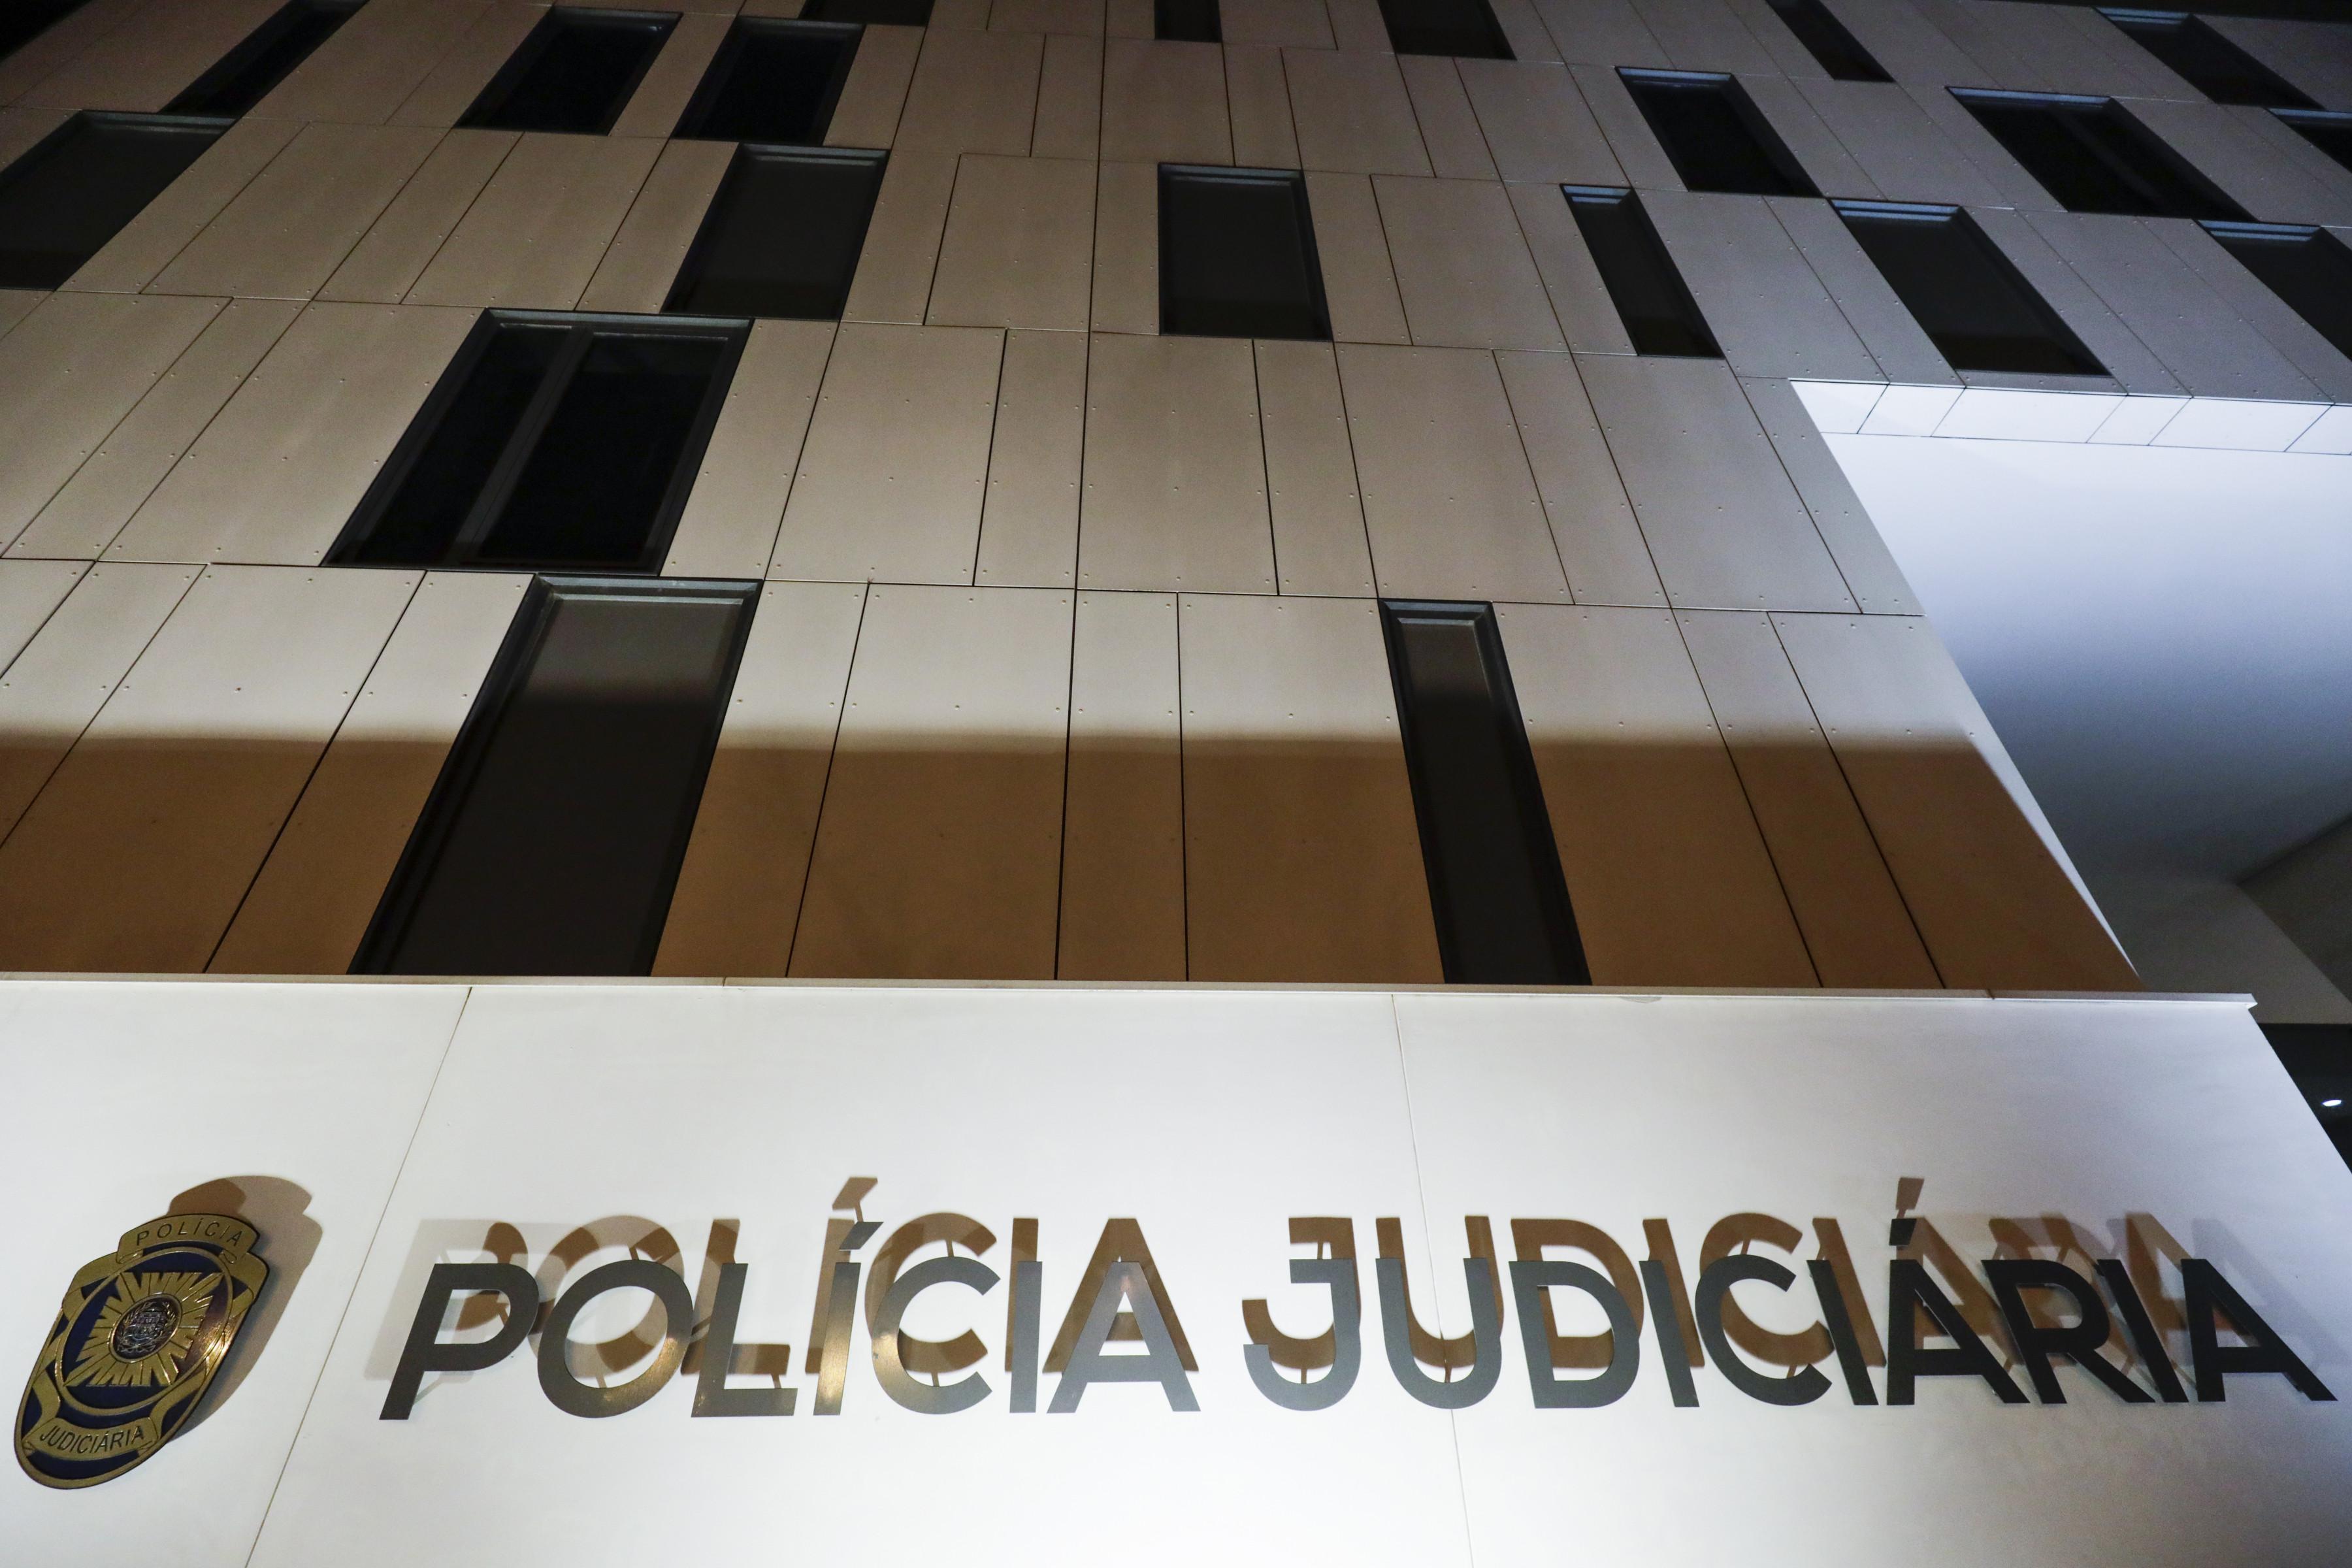 Detidos suspeitos de matarem proprietário de pastelaria de Almada